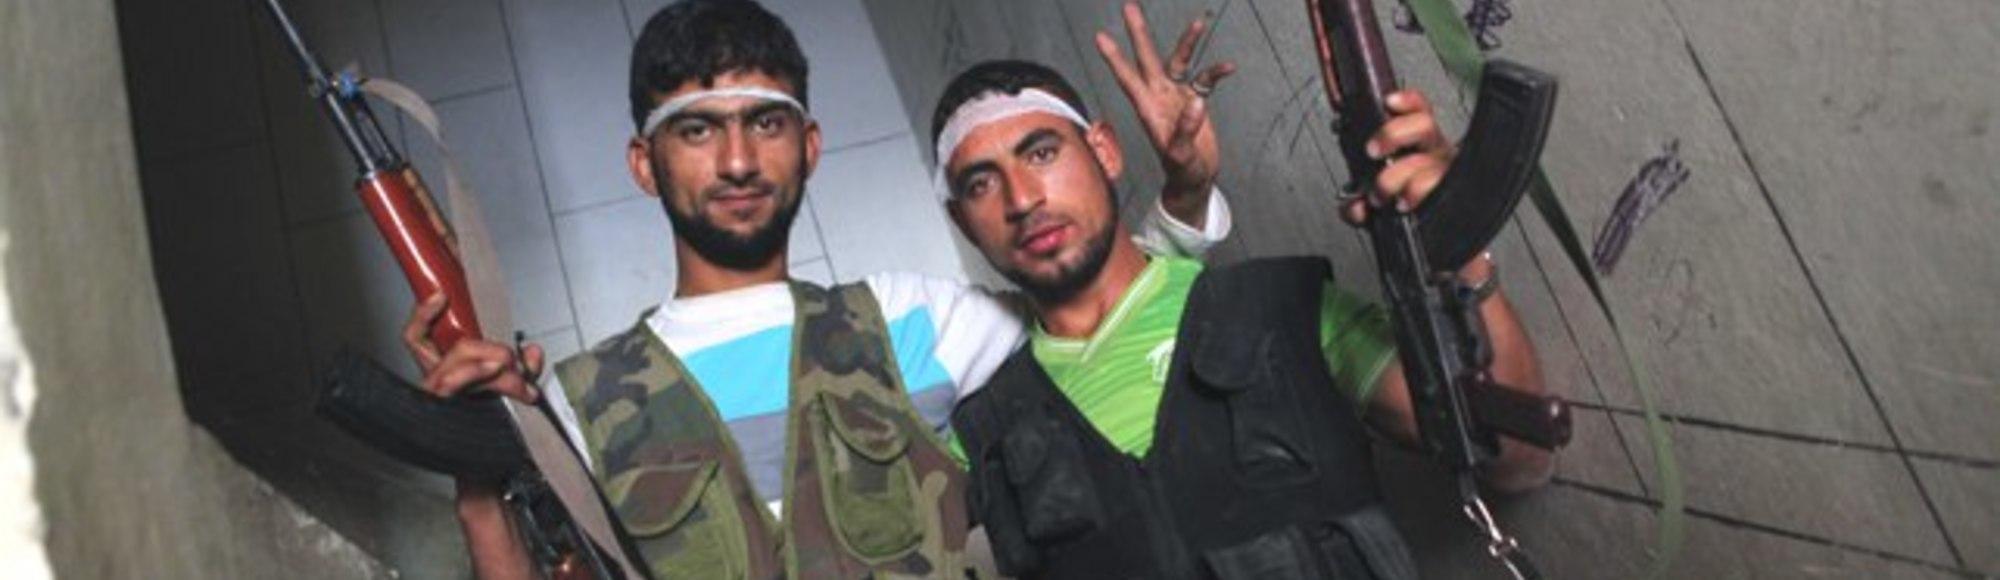 Organizing the Free Syrian Army